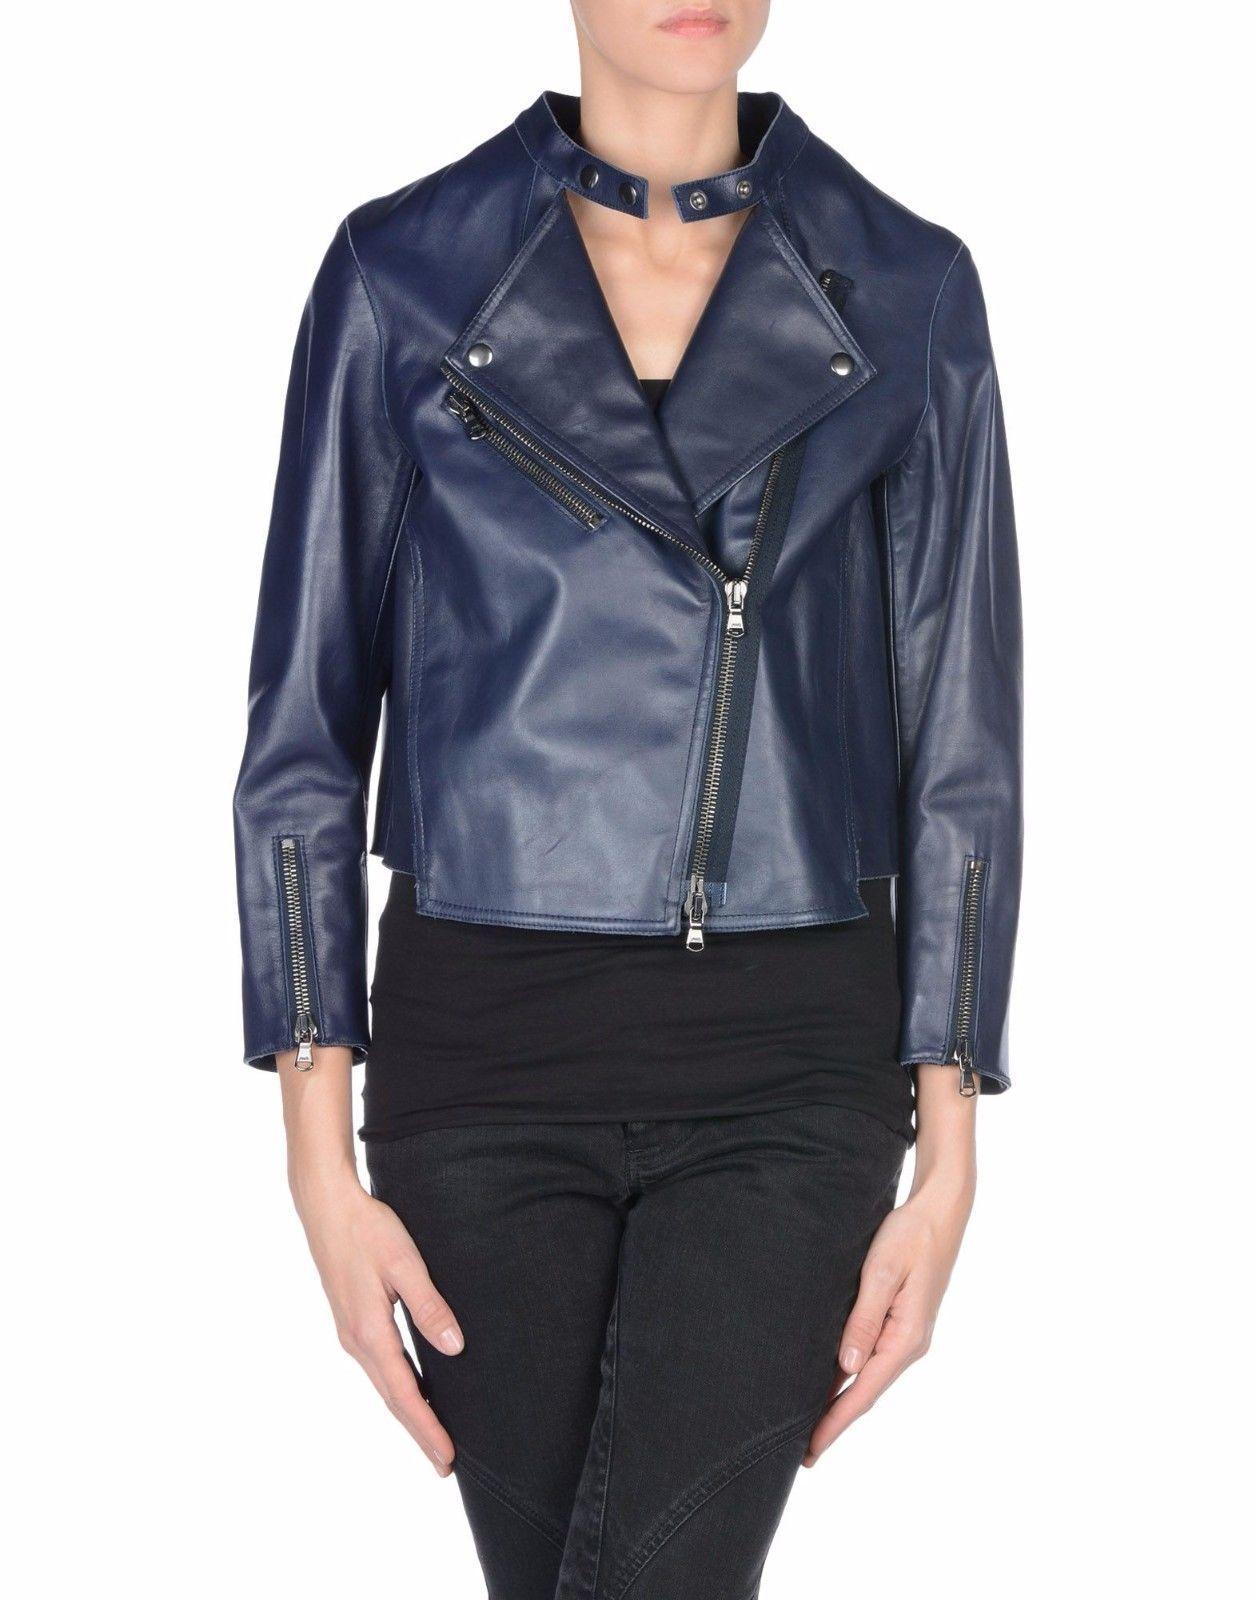 Winter Women Leather Motorcycle Women Genuine Leather Jacket Biker Jacket HL-166